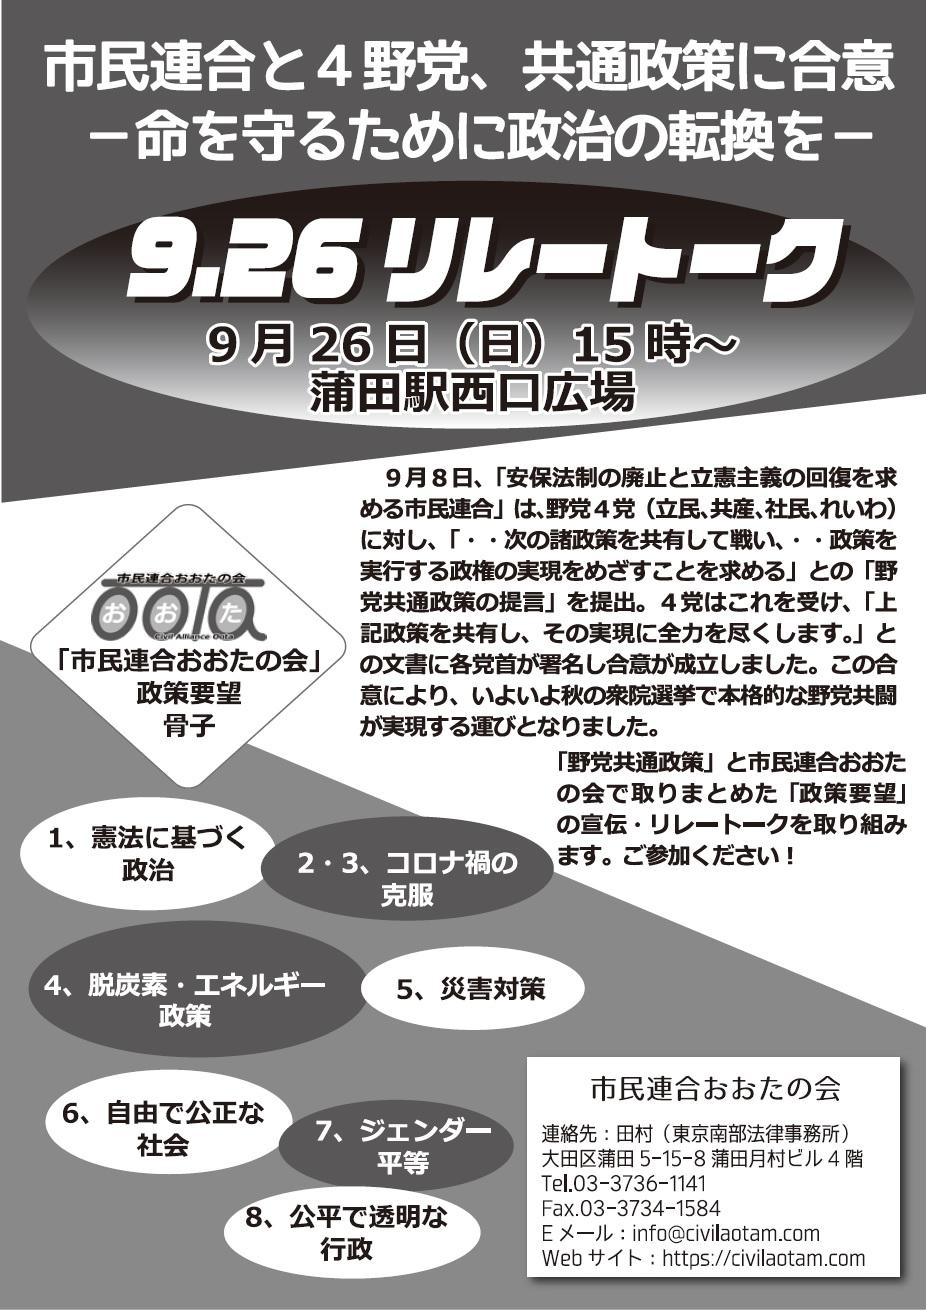 9月26日リレートーク開催!(蒲田西口)